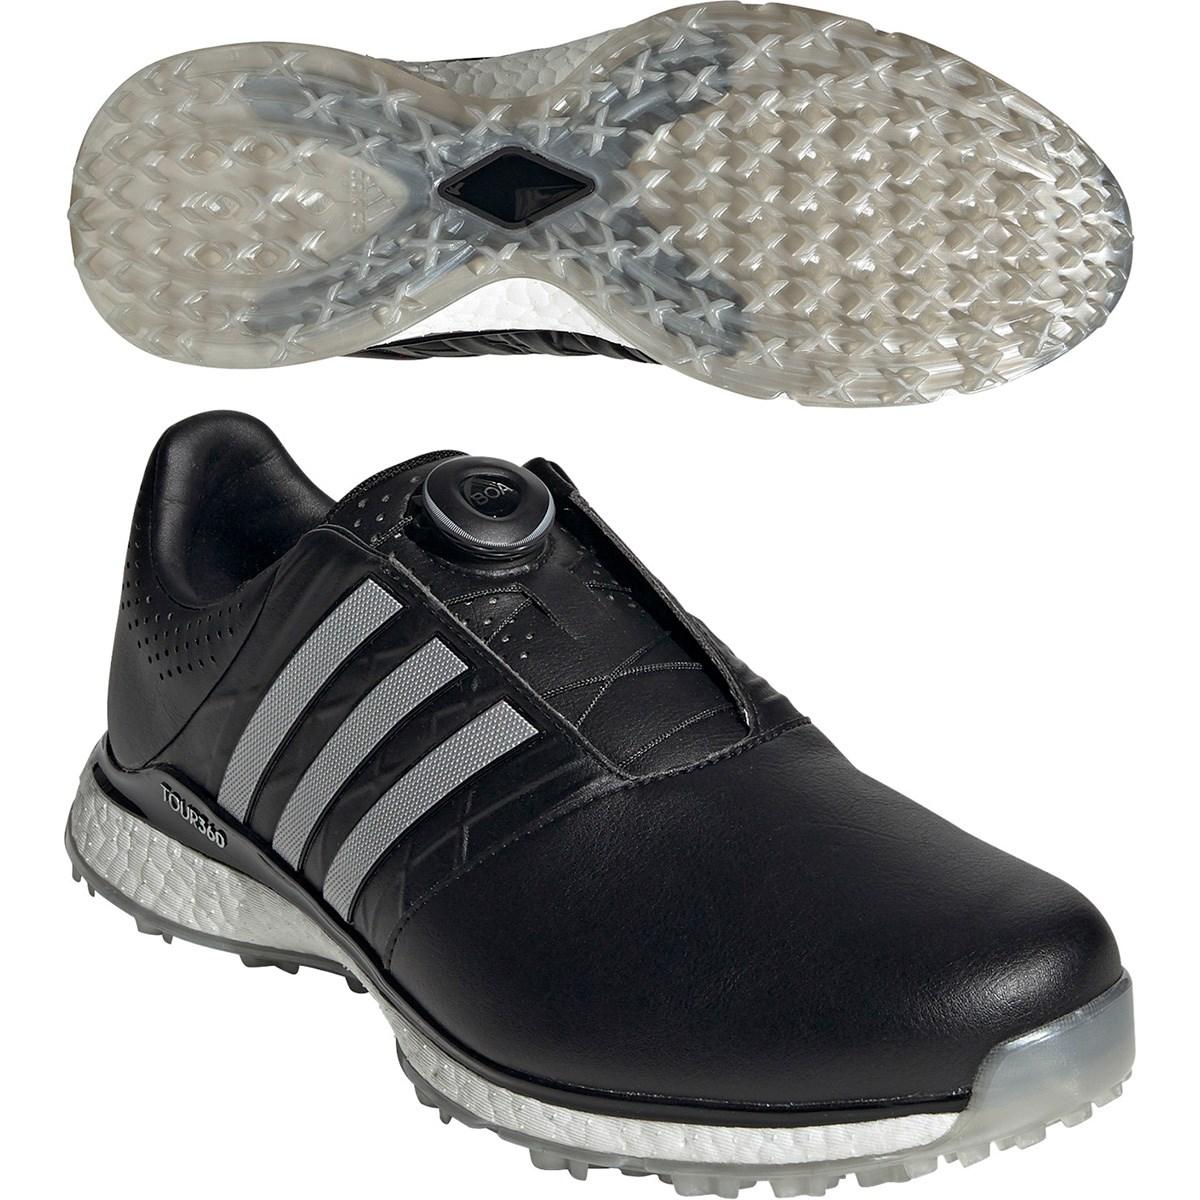 アディダス Adidas ツアー360 XT-SL ボア 2 シューズ 24.5cm コアブラック/シルバーメタリック/コアブラック